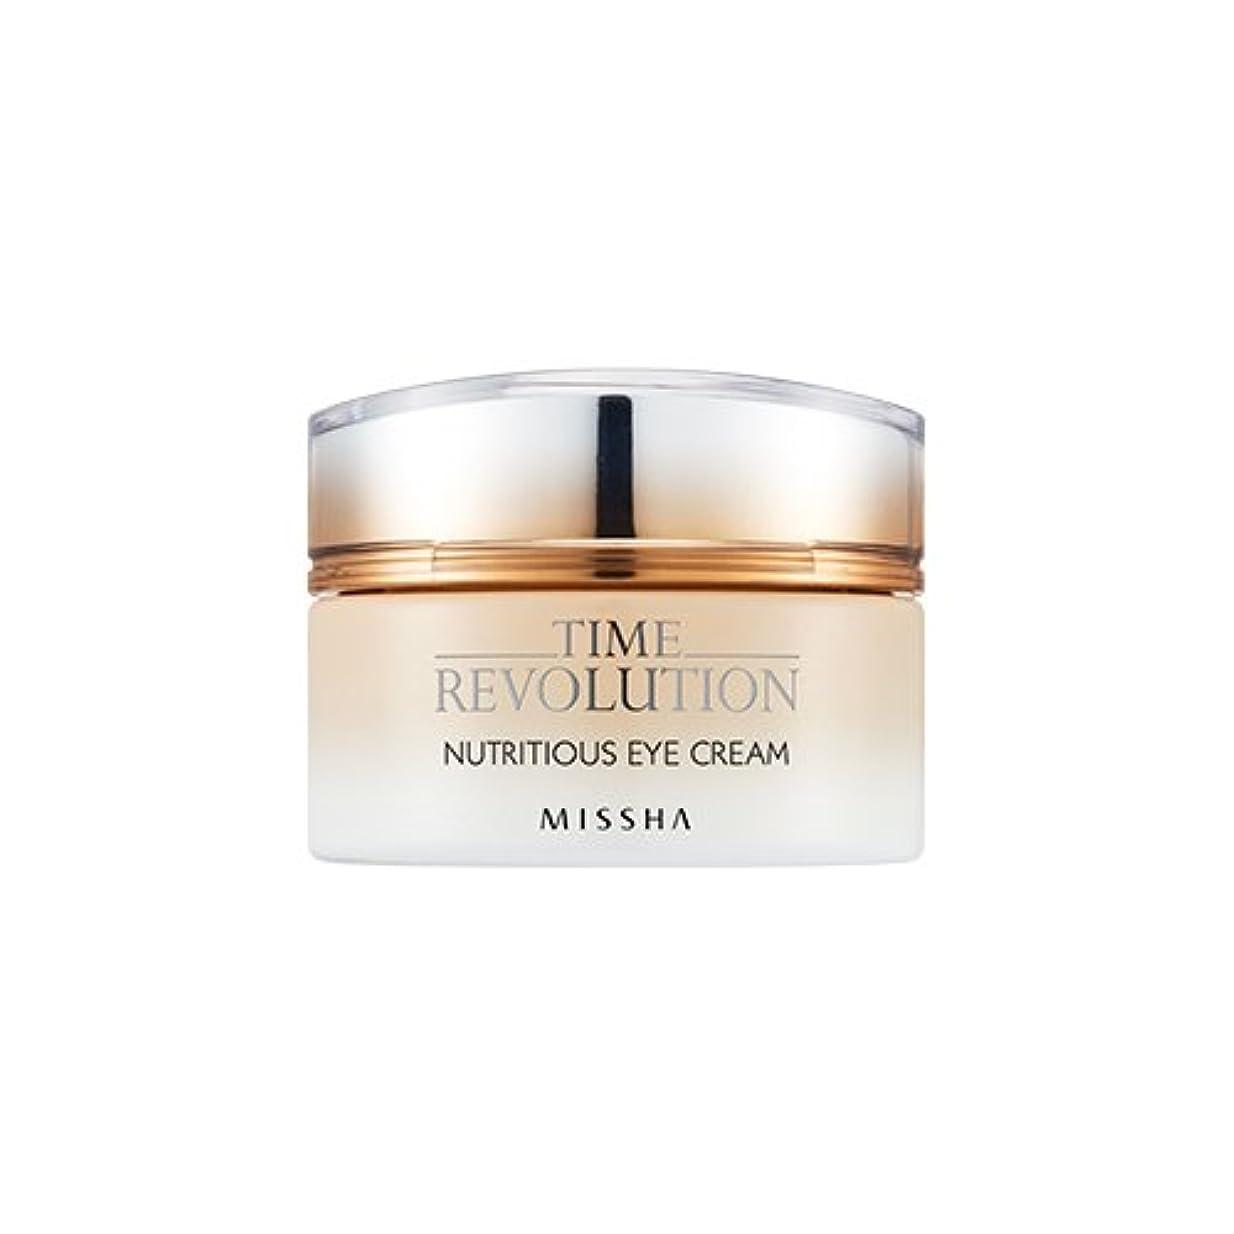 軽く納税者アプローチ[New] MISSHA Time Revolution Nutritious Eye Cream 25ml/ミシャ タイム レボリューション ニュートリシャス アイクリーム 25ml [並行輸入品]